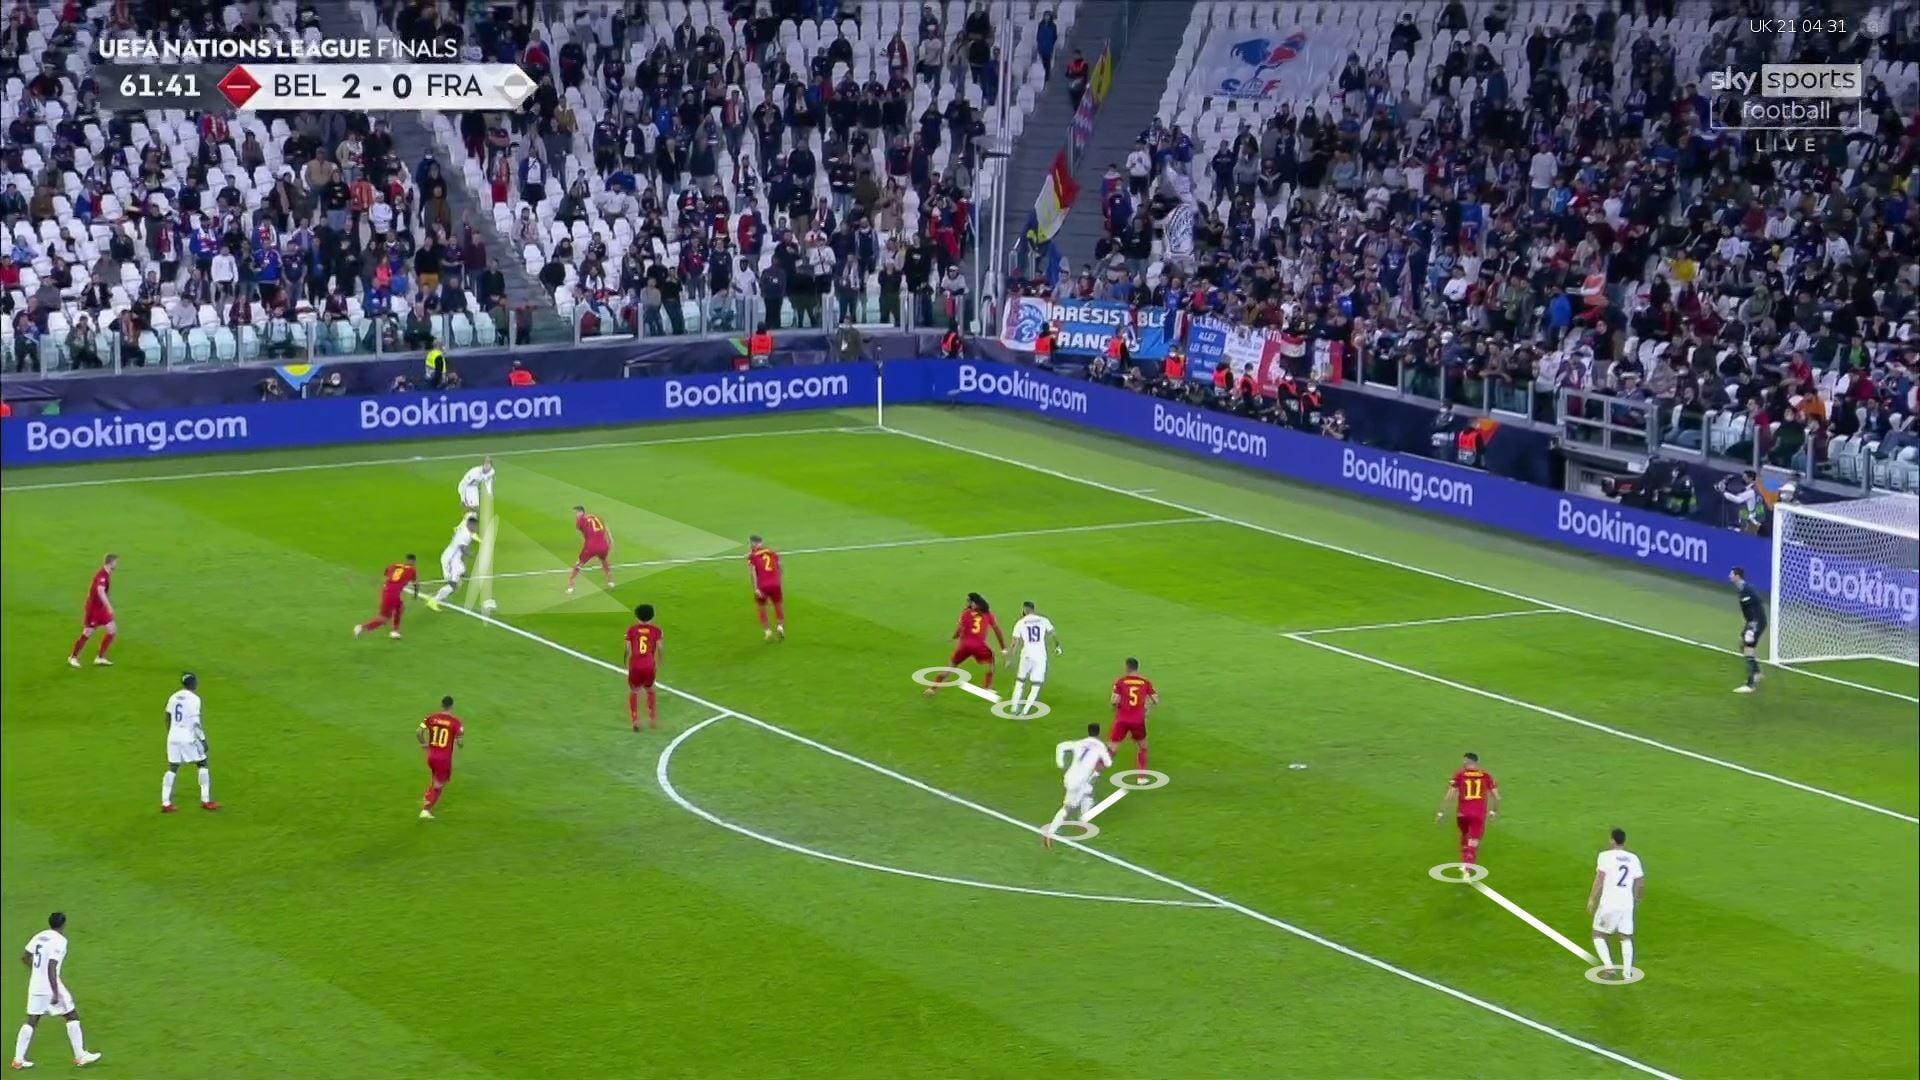 Бельгия и Франция выдали топовое шоу. Звезды (особенно Мбаппе) сделали для победы больше, чем Дешам